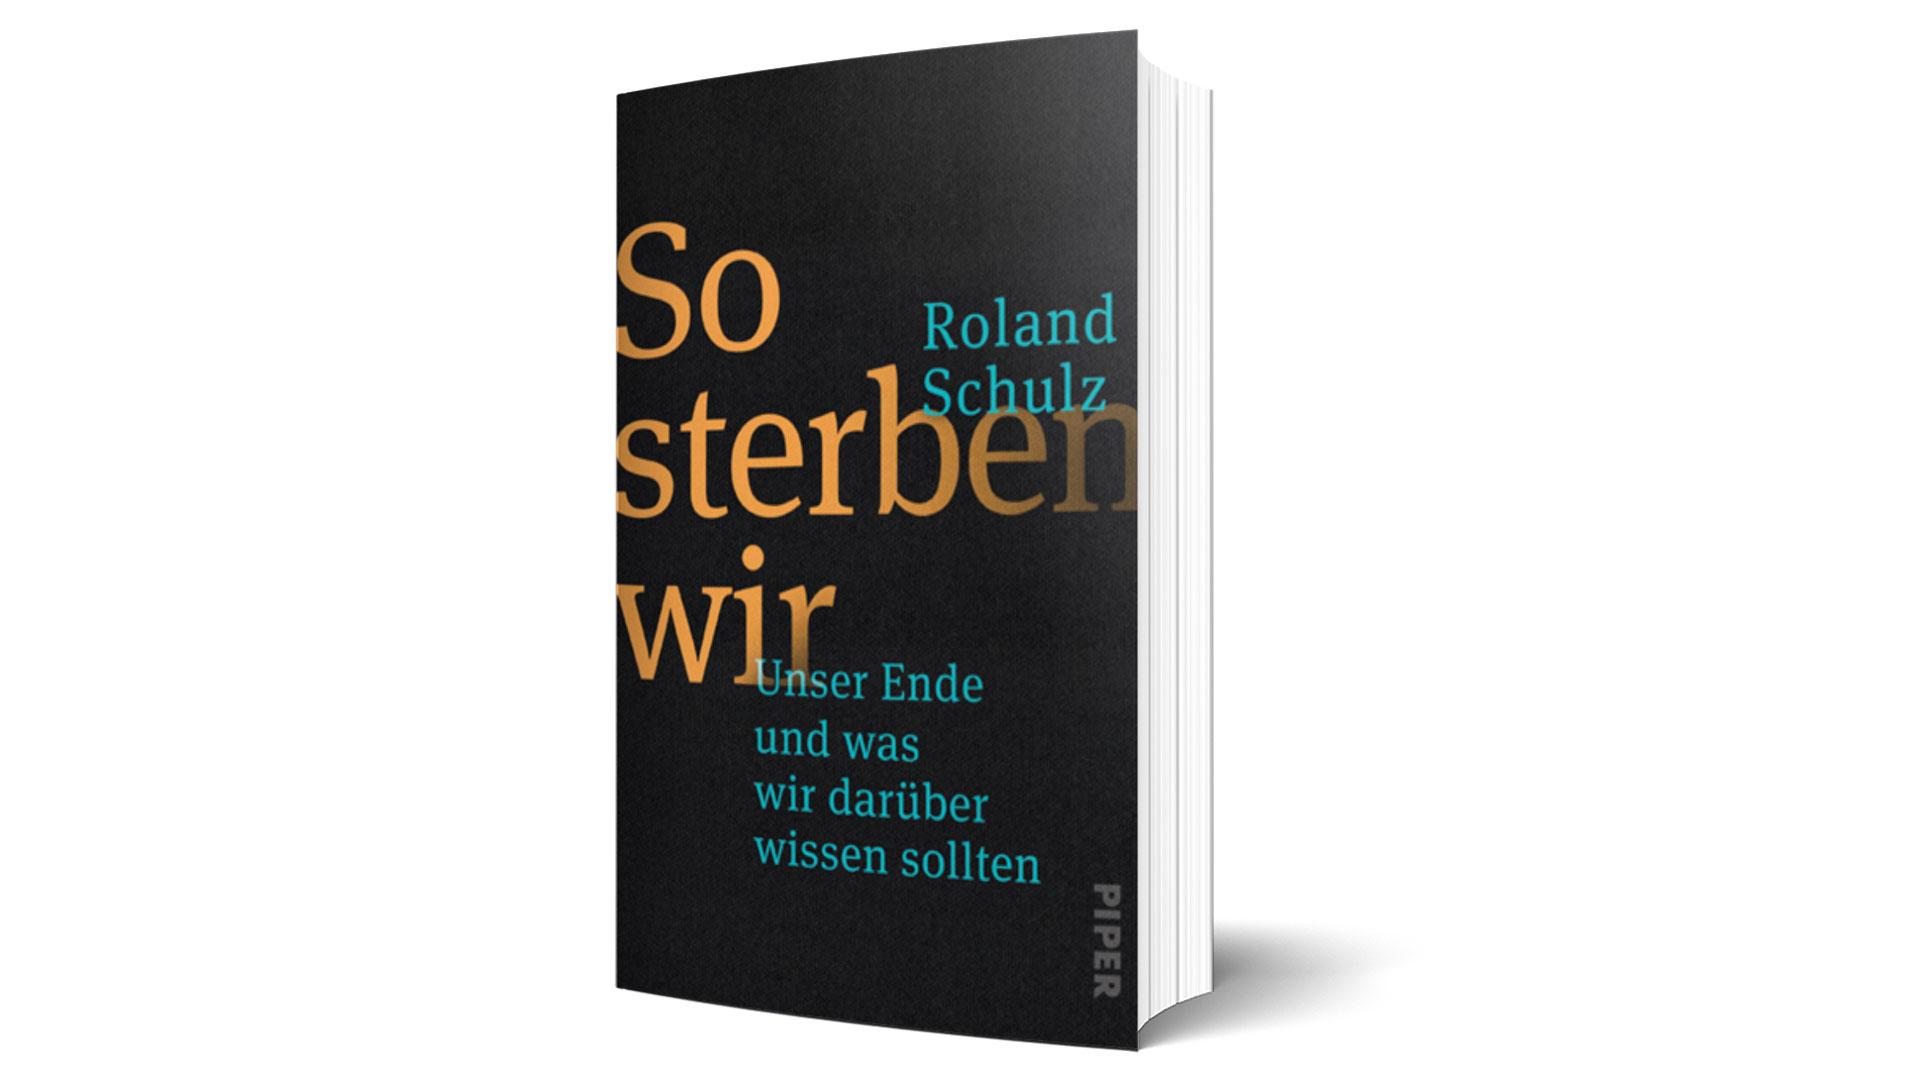 Buchcover Unser Ende Roland Scholz so sterben wir piper